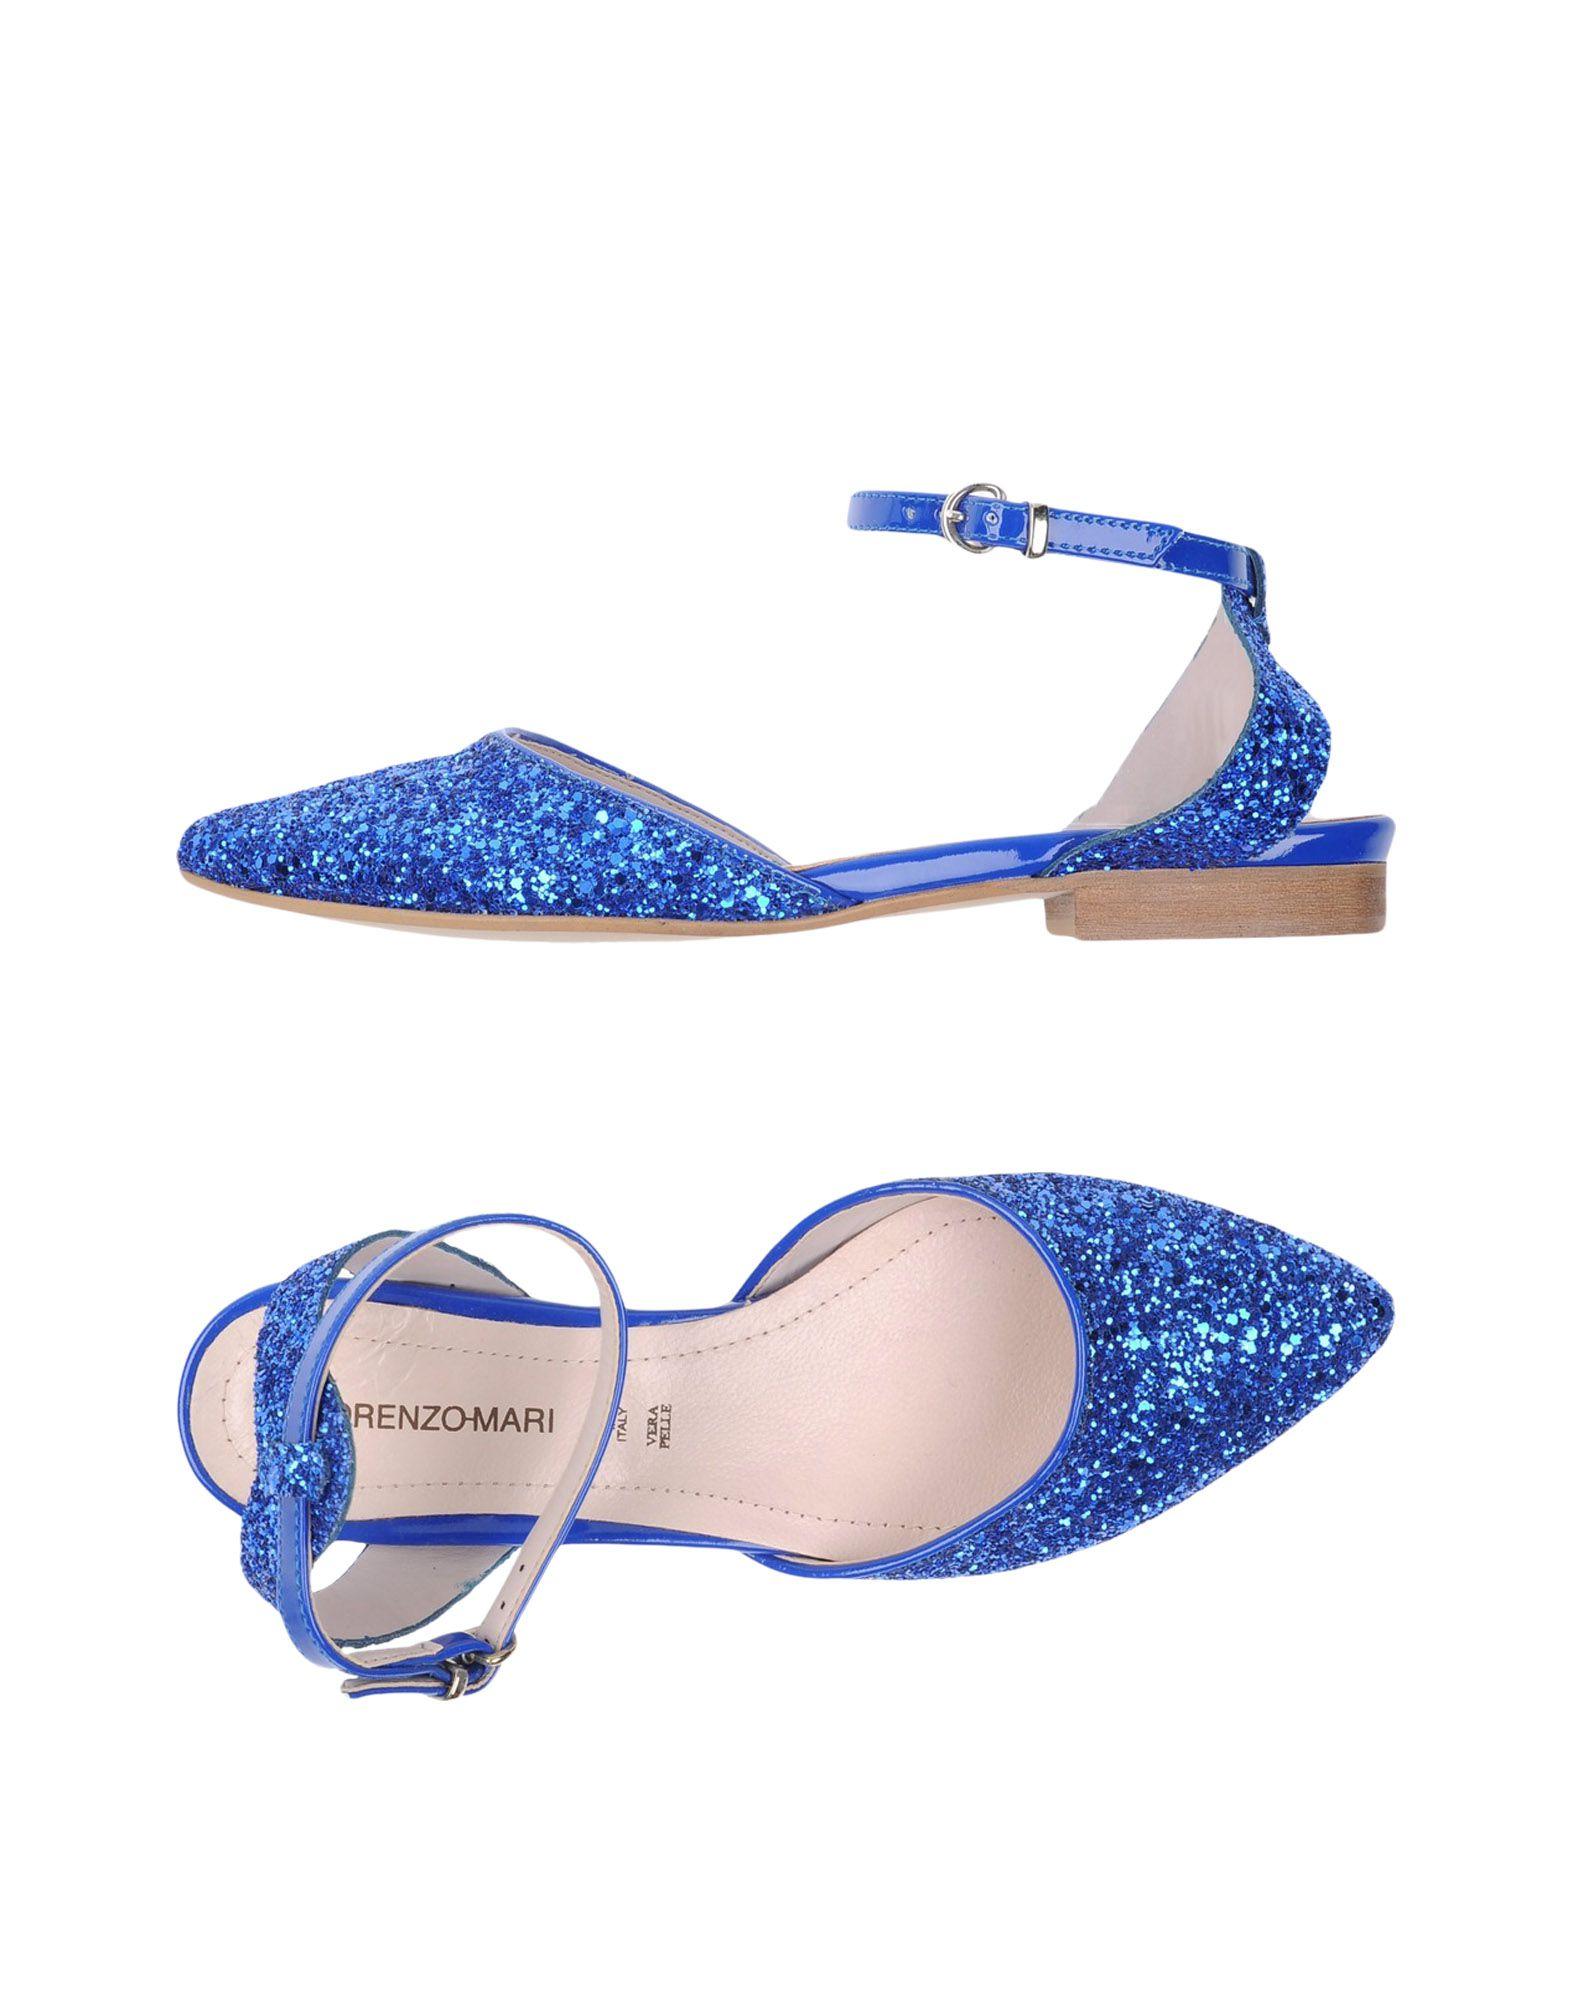 Lorenzo Mari Ballerinas Damen  11313752DR Gute Qualität beliebte Schuhe